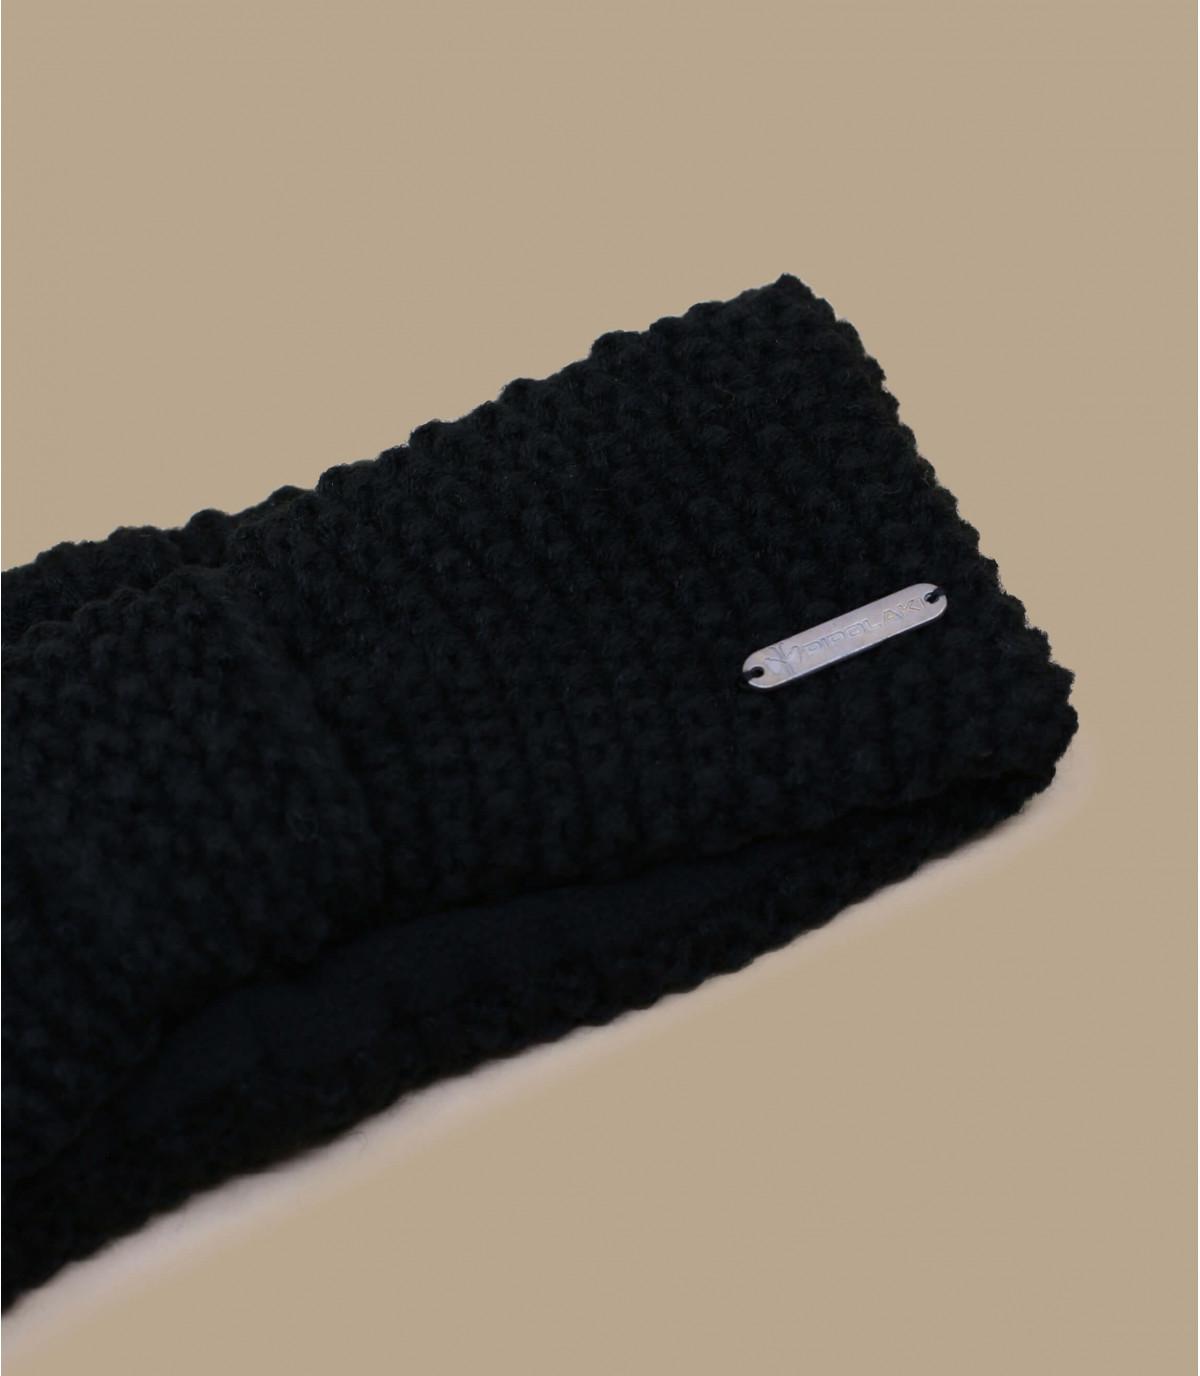 Dettagli Nunka black - image 3